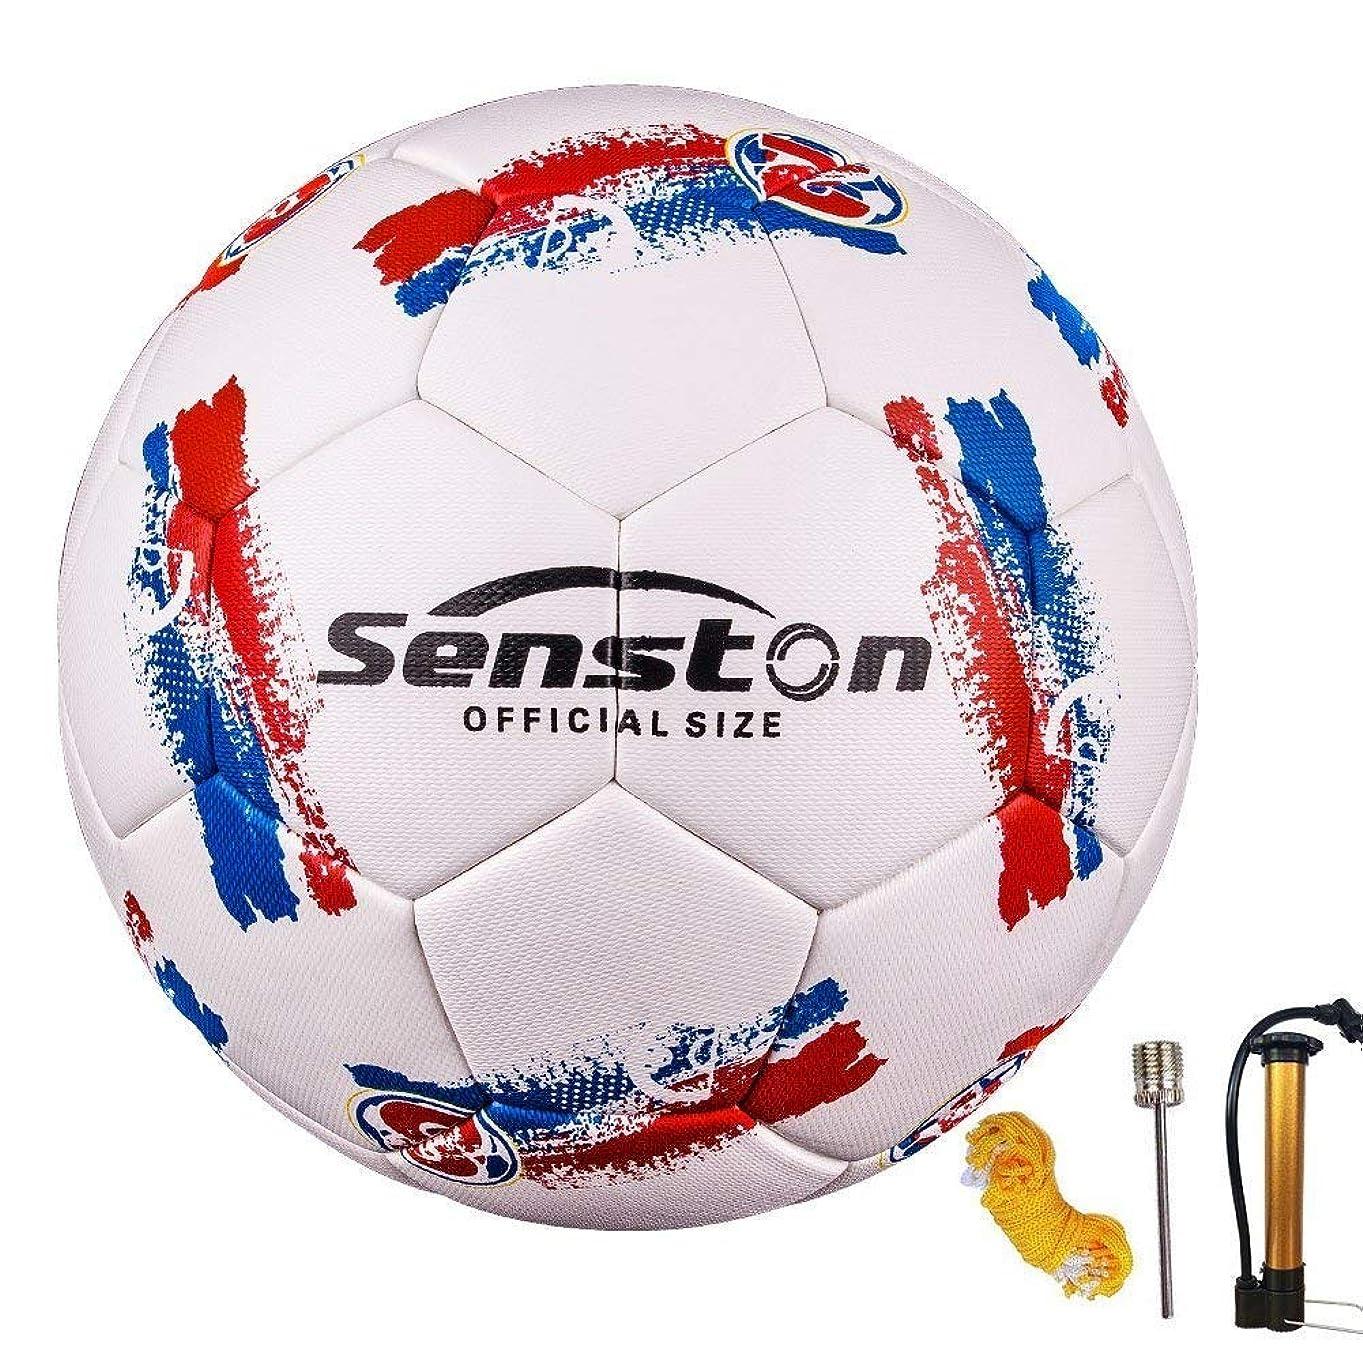 セマフォキリスト変わるSenstonシームレスサーマルボンディングボールサイズ 4子供サイズ / 5公式サイズ サッカーボール